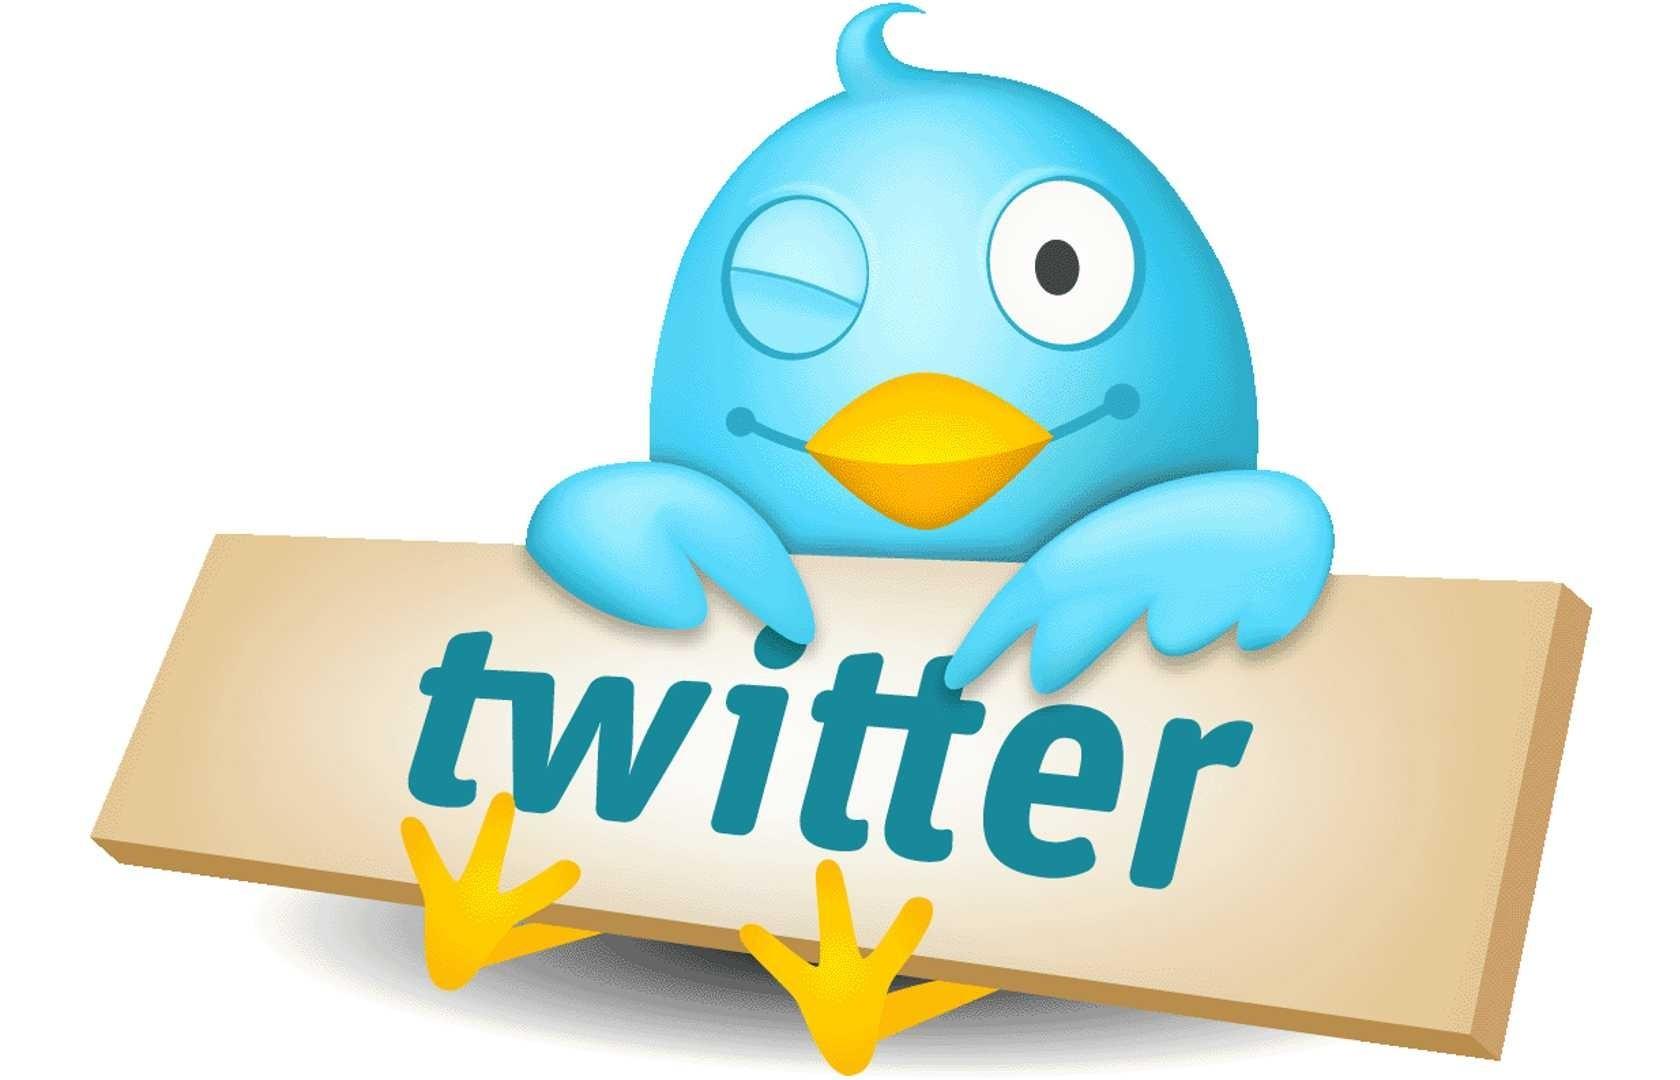 В Twitter закрыли проект собственного мессенджера